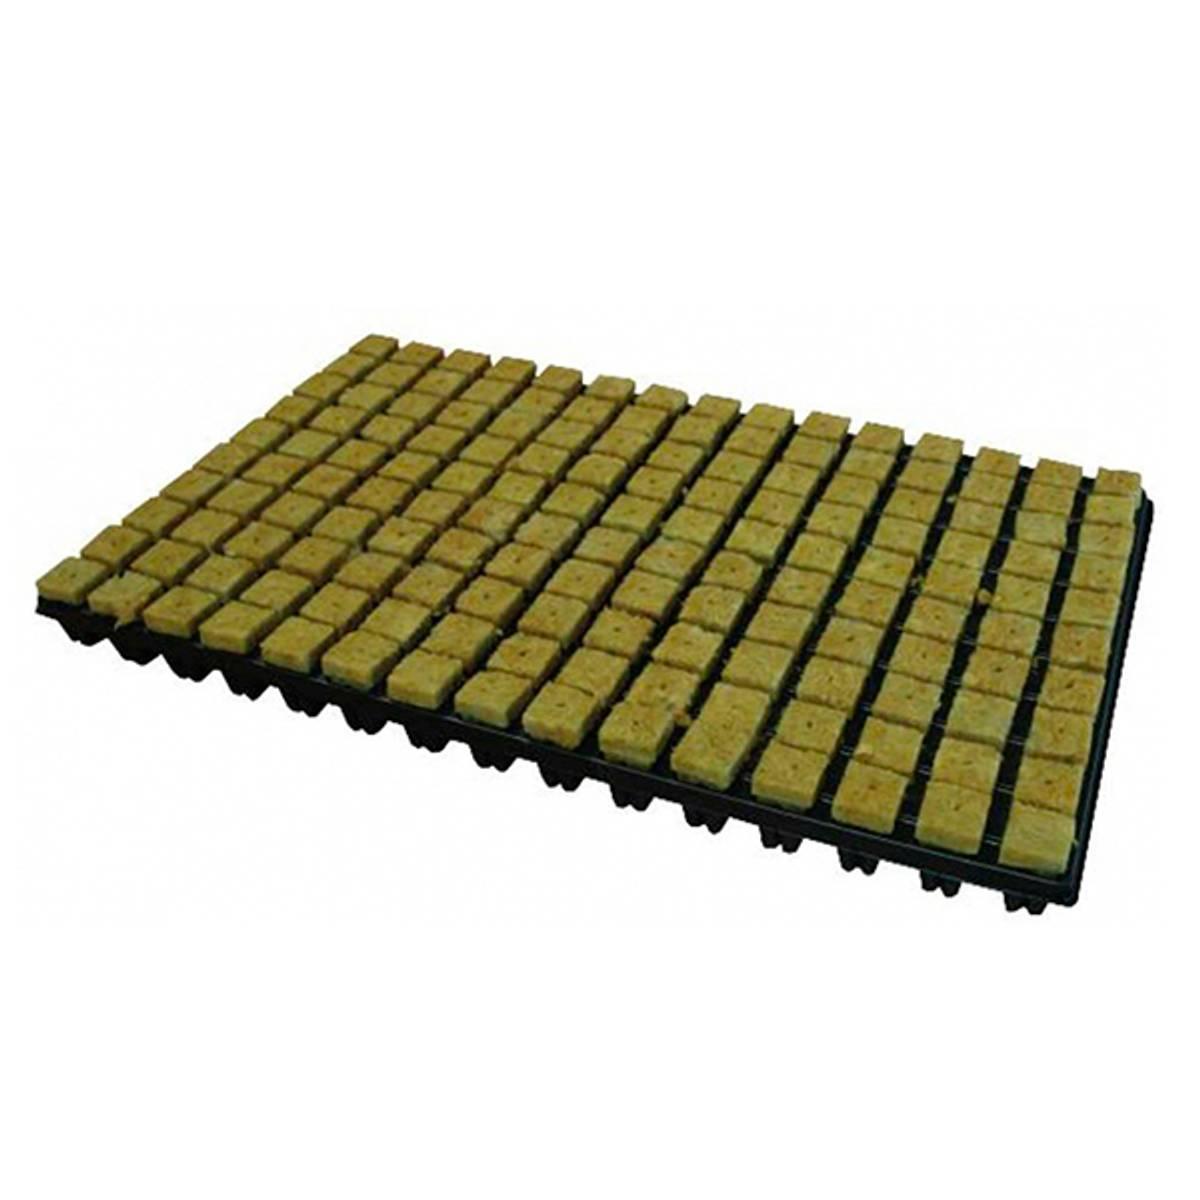 150 såkuber i rockwool med brett